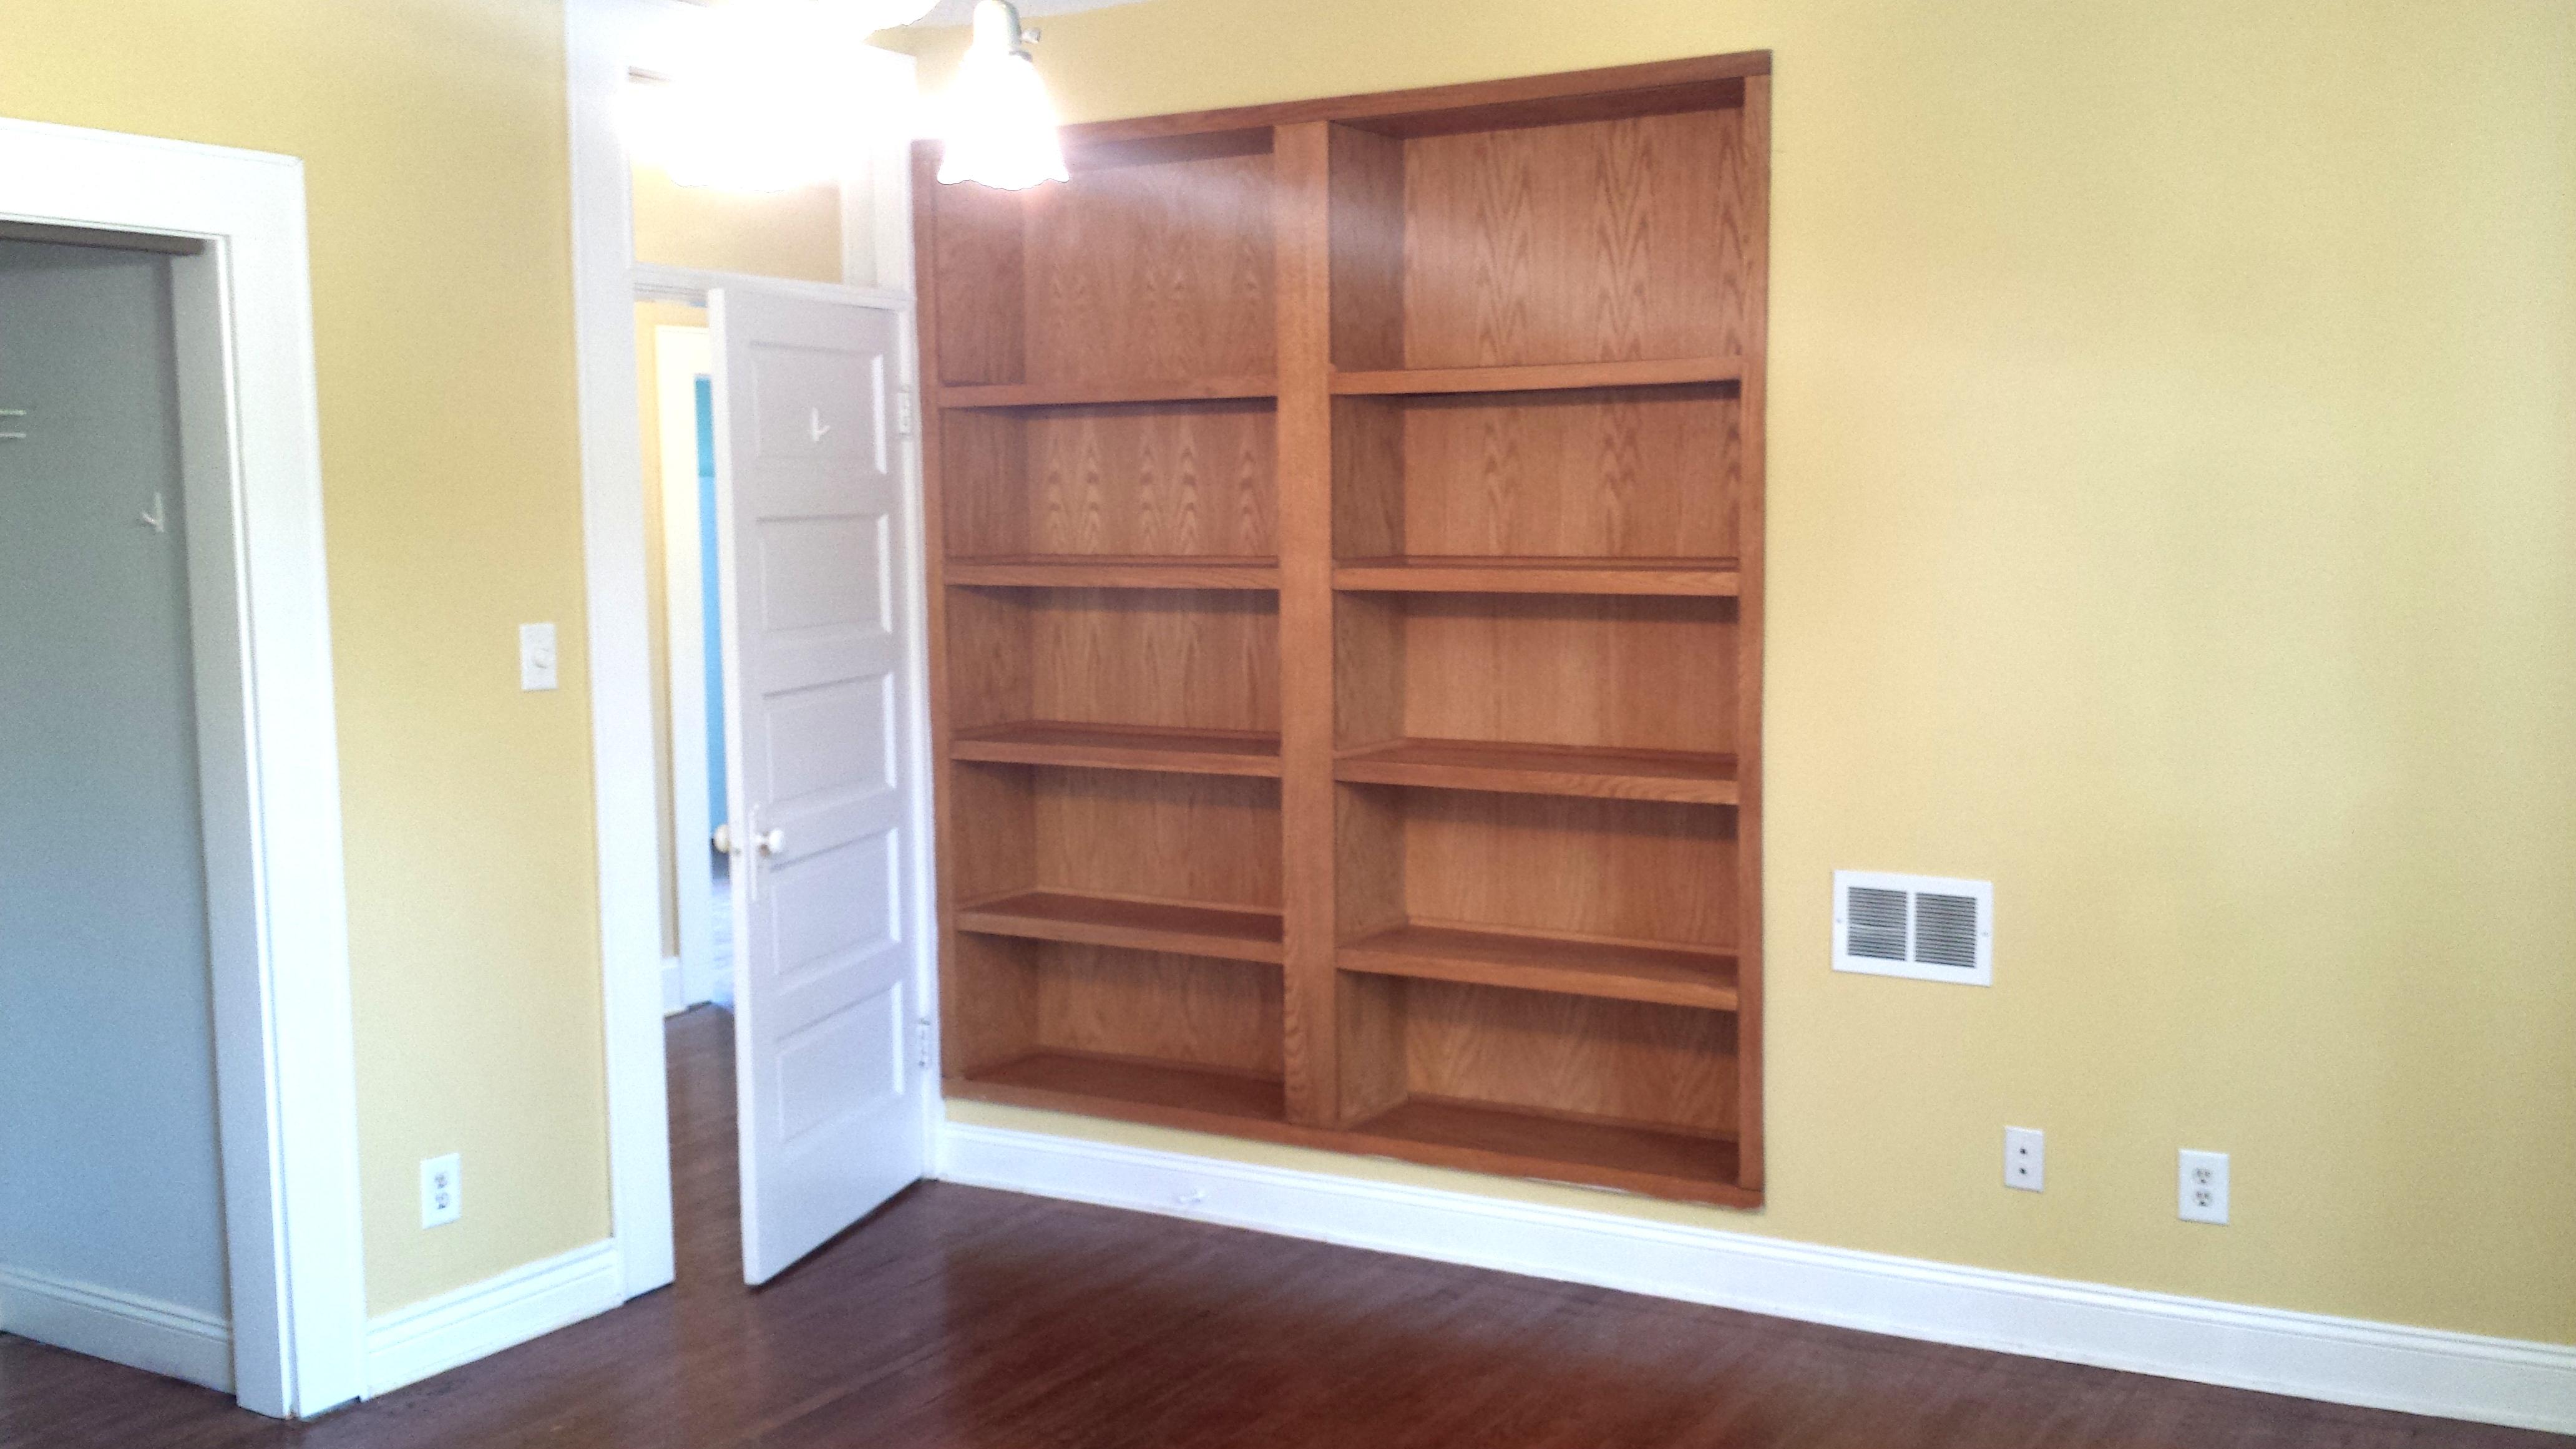 Bedroom 2 Bookshelves